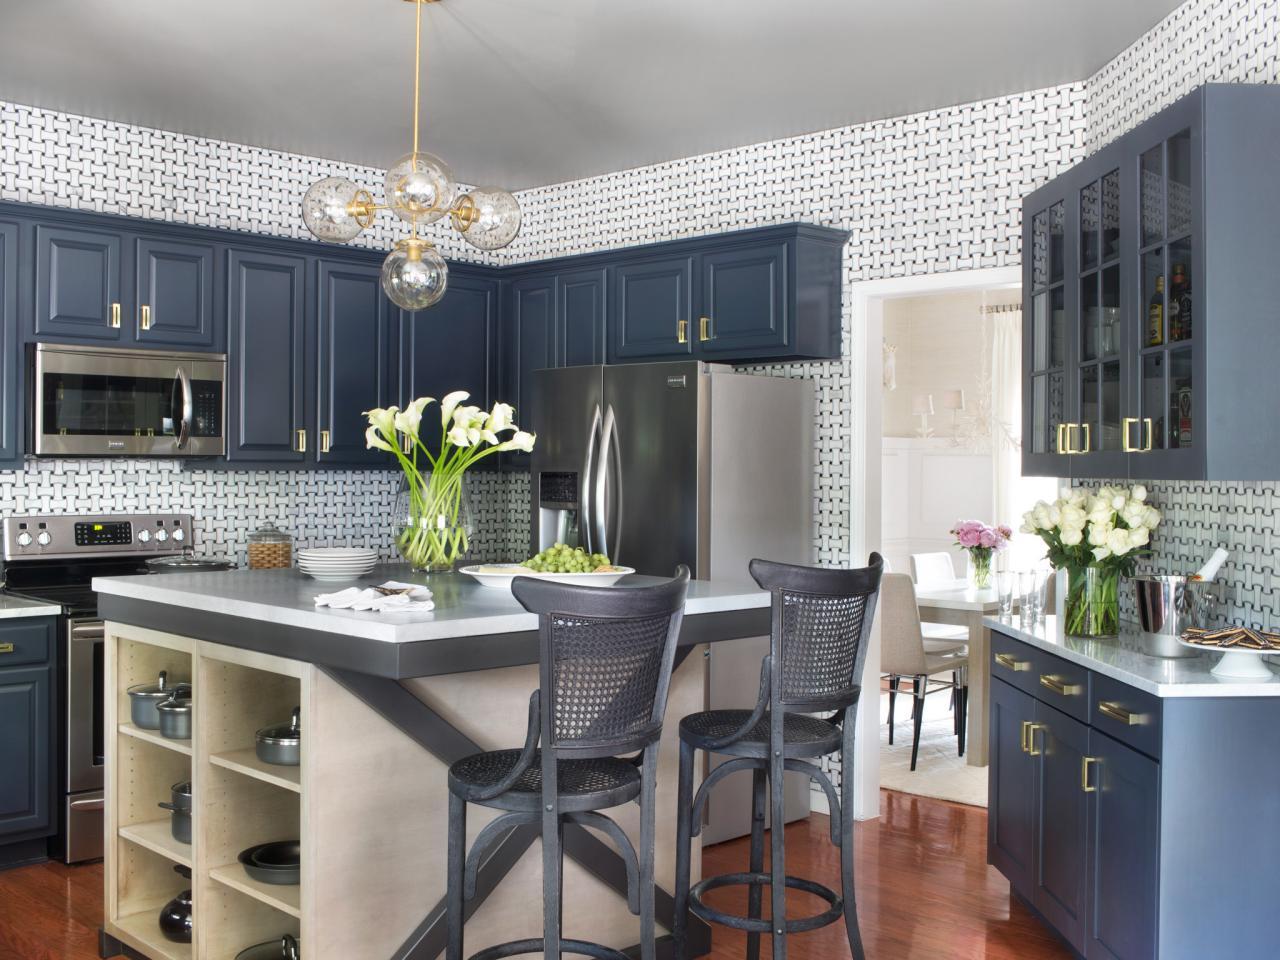 Люстра с плафонами в интерьере кухни